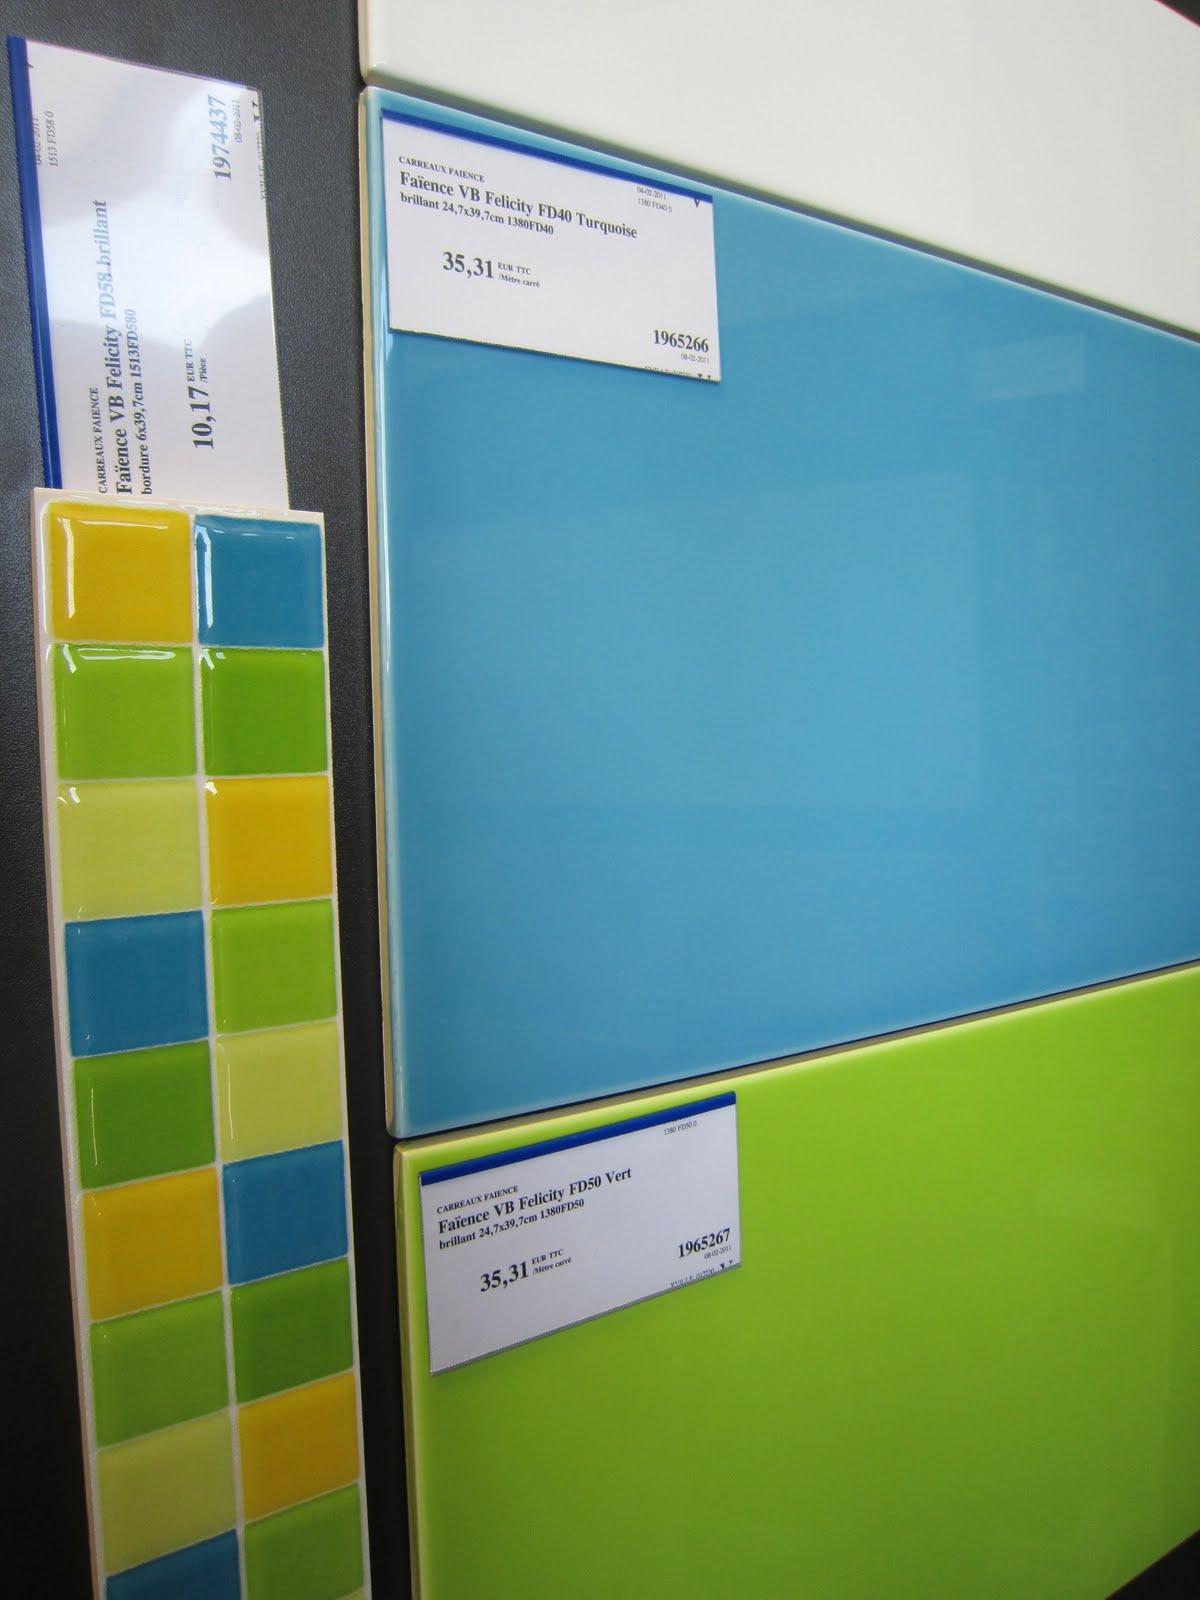 claireobscur: Bleu ou vert, carré ou retangulaire, 90C ou 95B ?